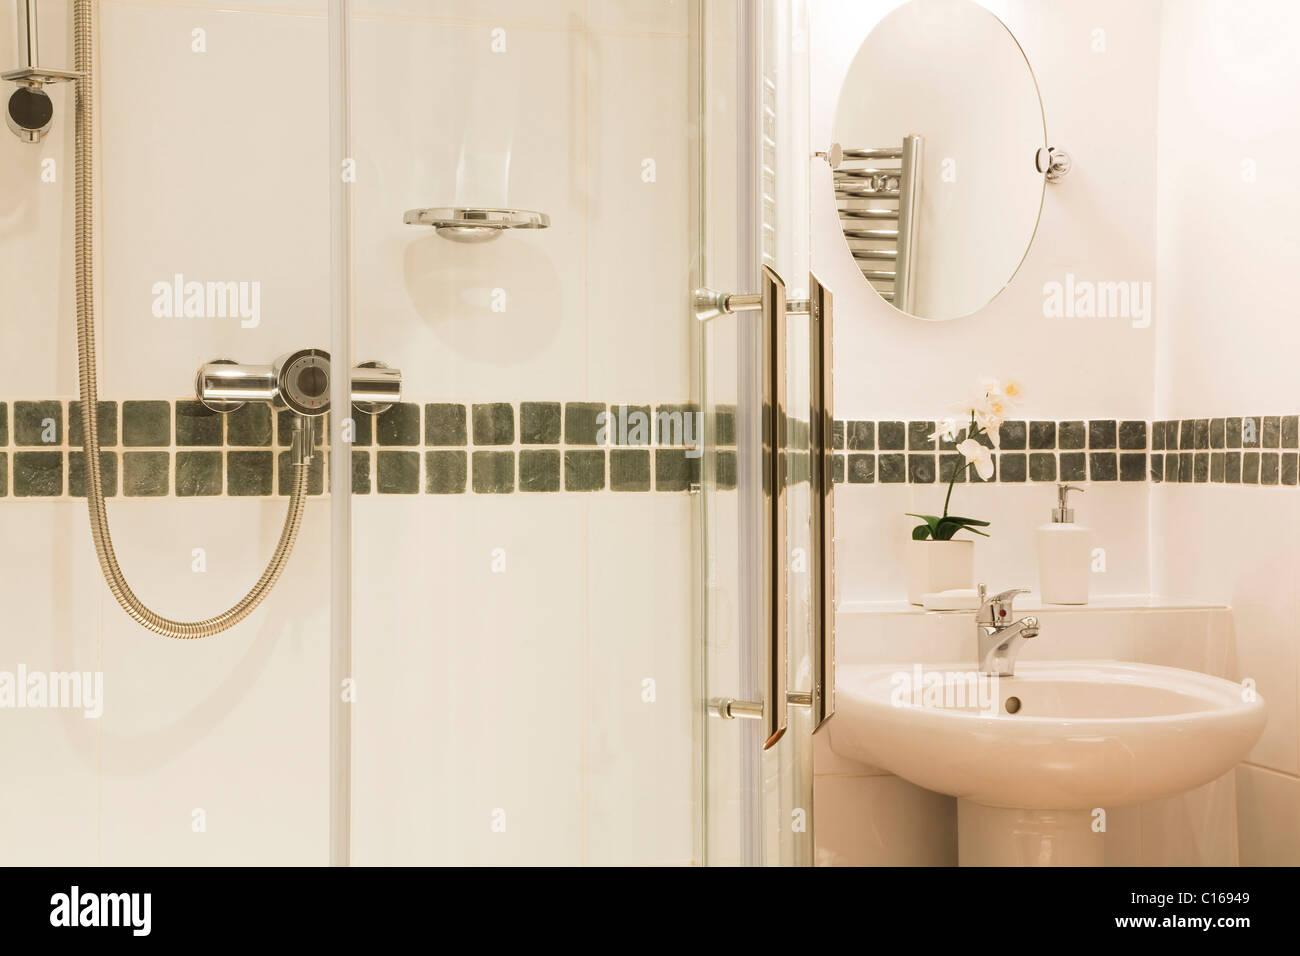 Moderne Luxus Badezimmer Mit Modernen Weißen Fliesen Dusche Und Waschbecken